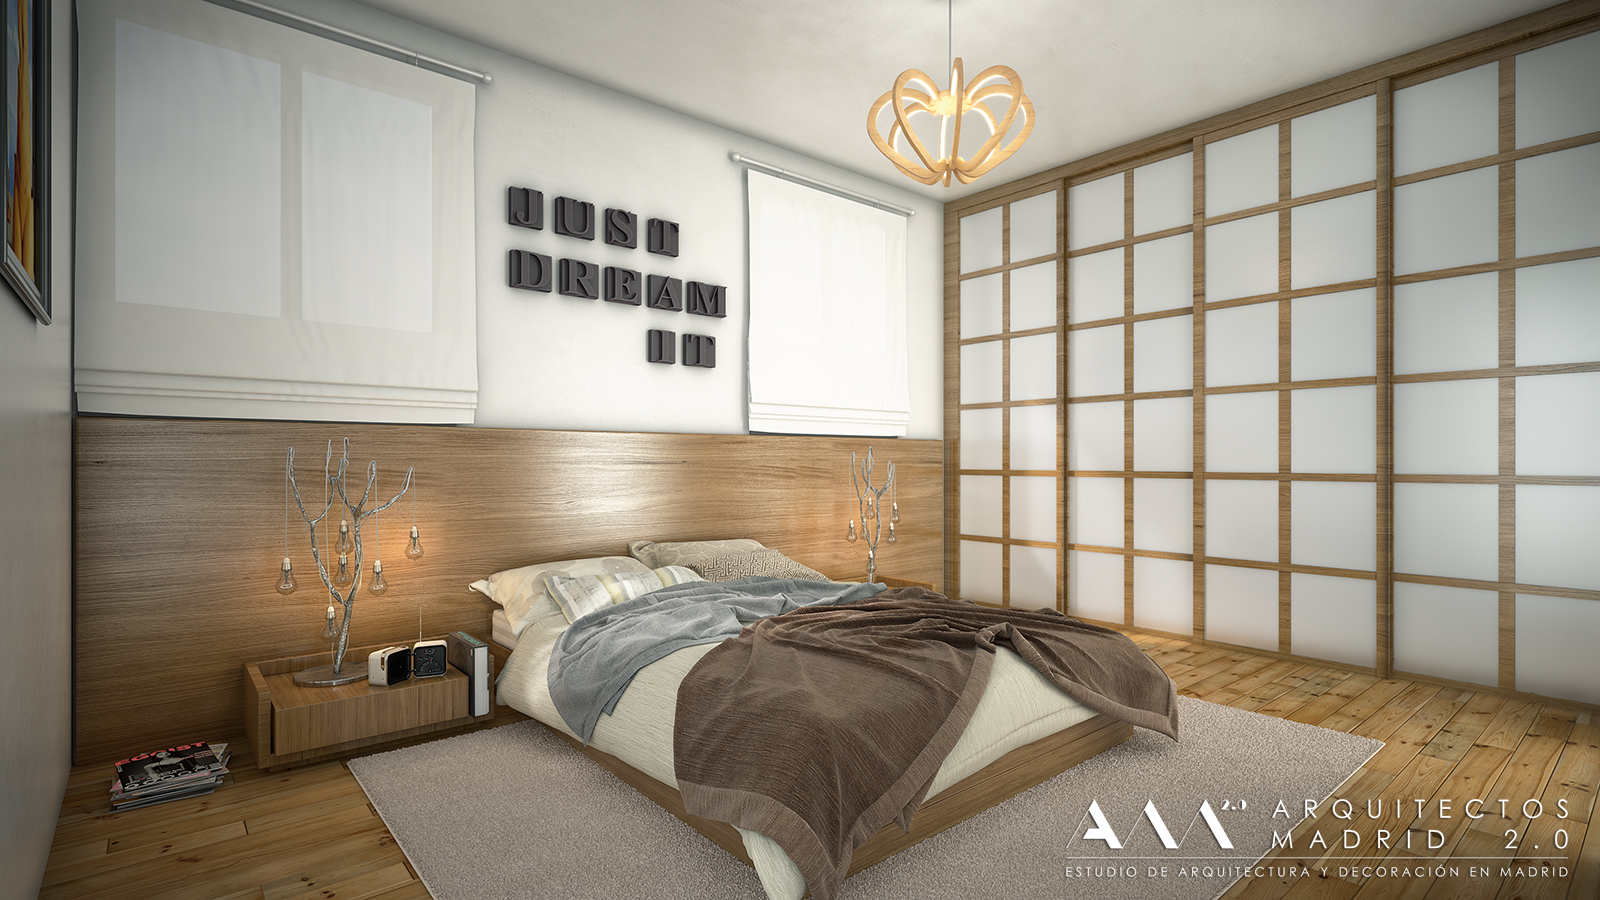 Reformas de vivienda / Arquitectos Madrid 2.0